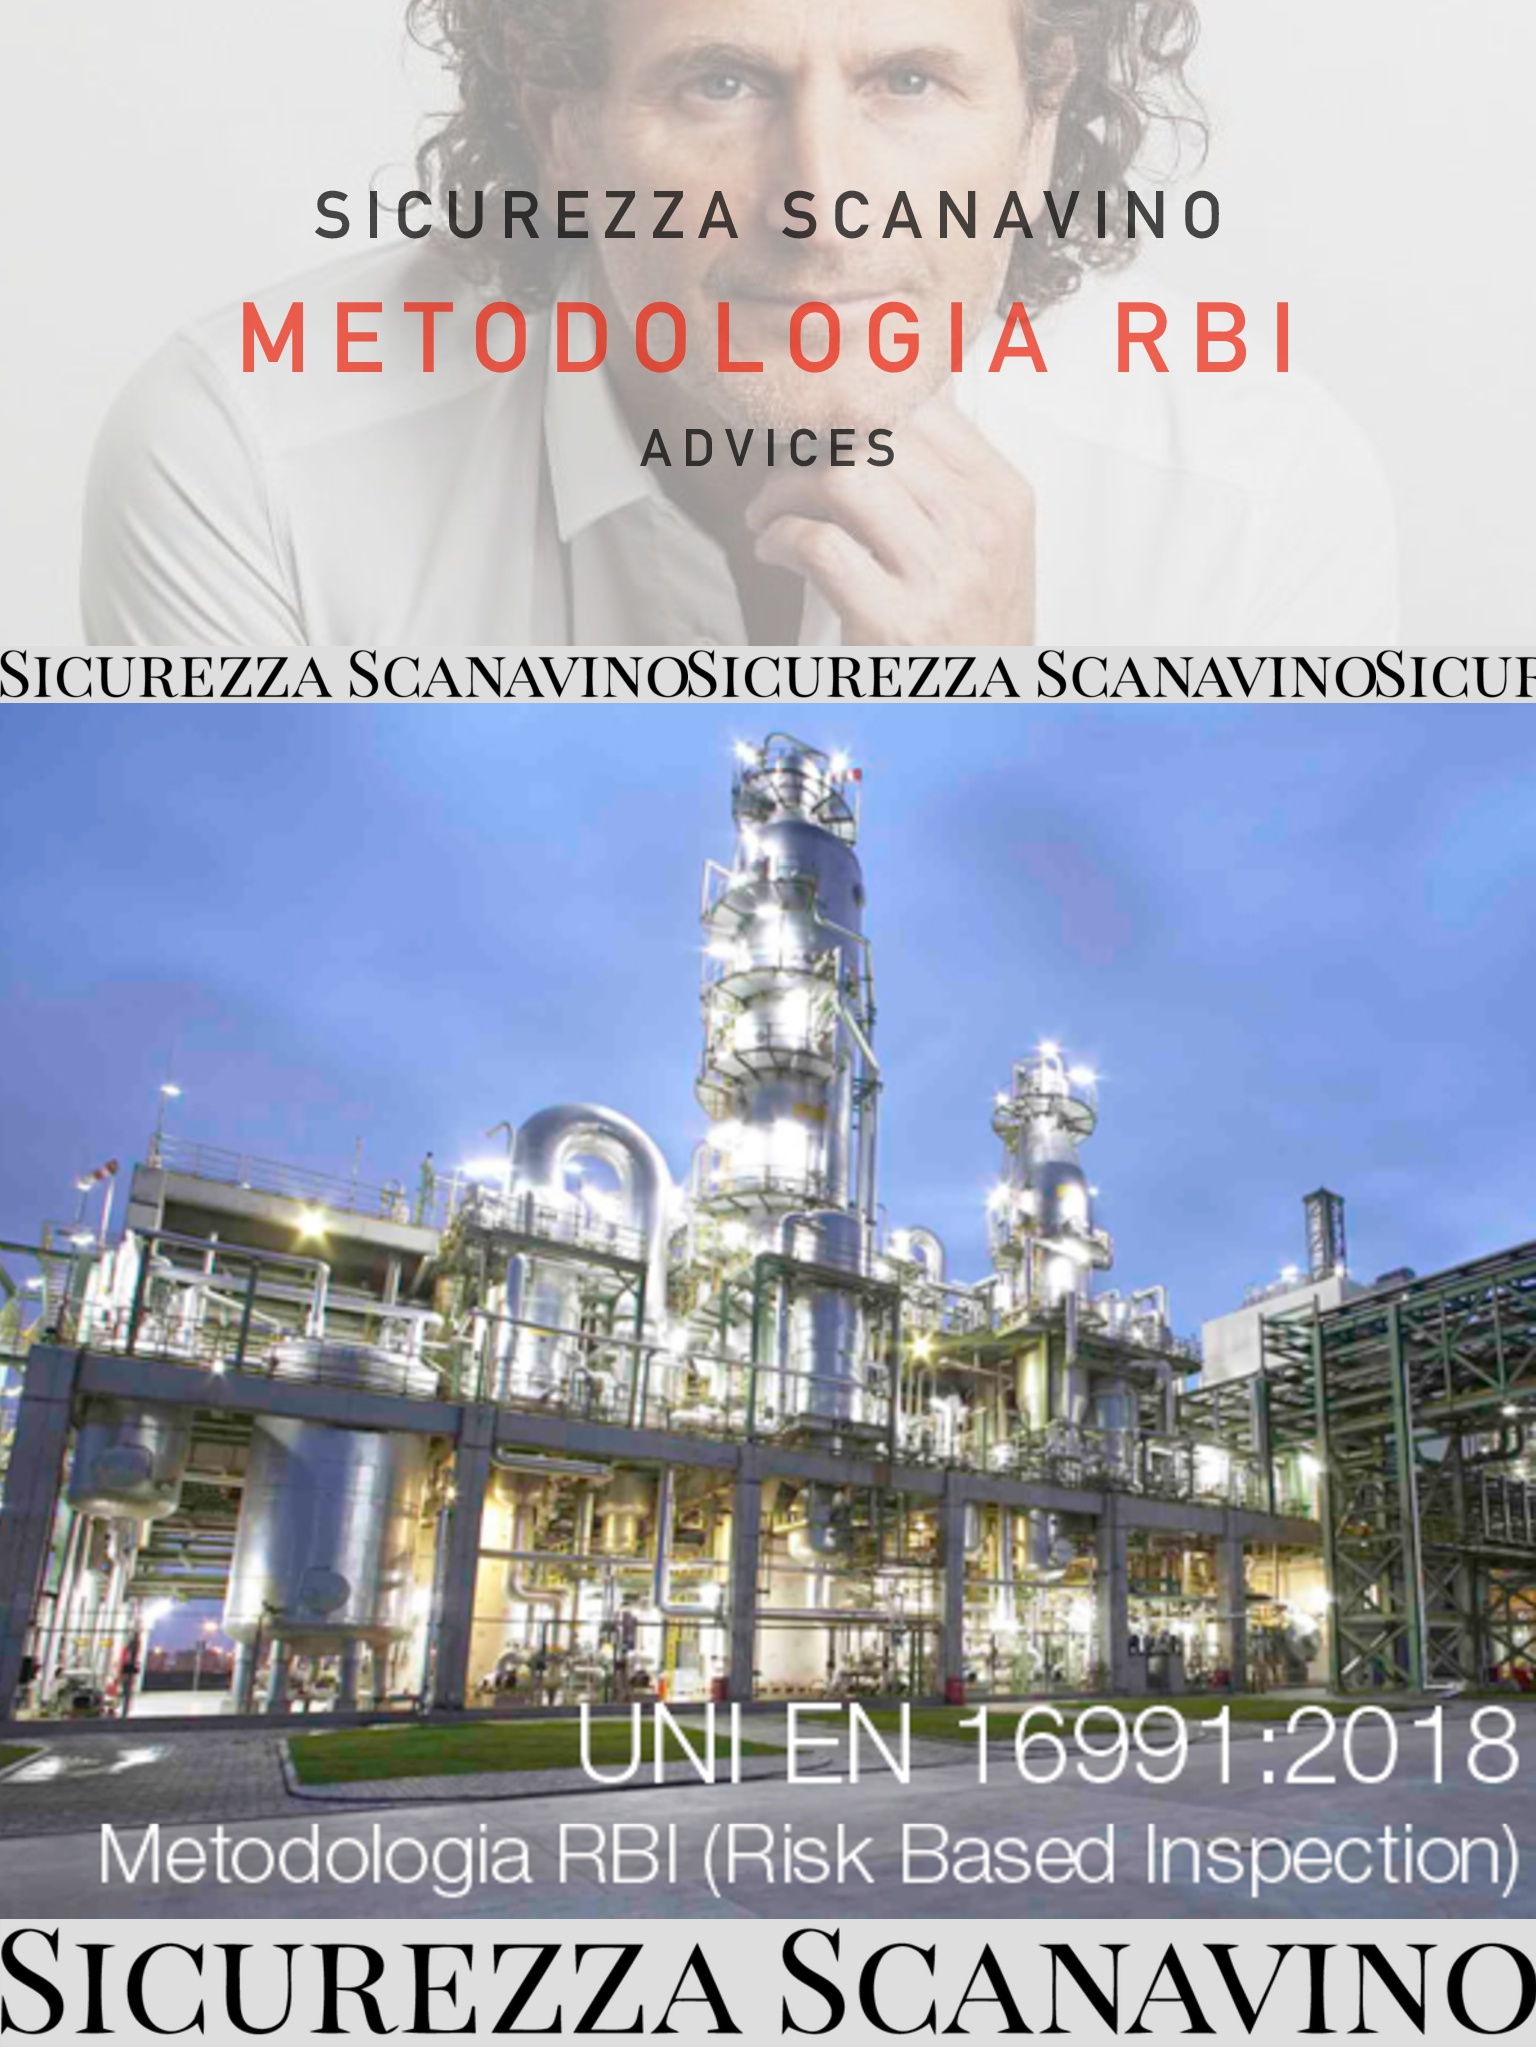 UNI EN 16991:2018 Metodologia RBI (Risk Based Inspection).